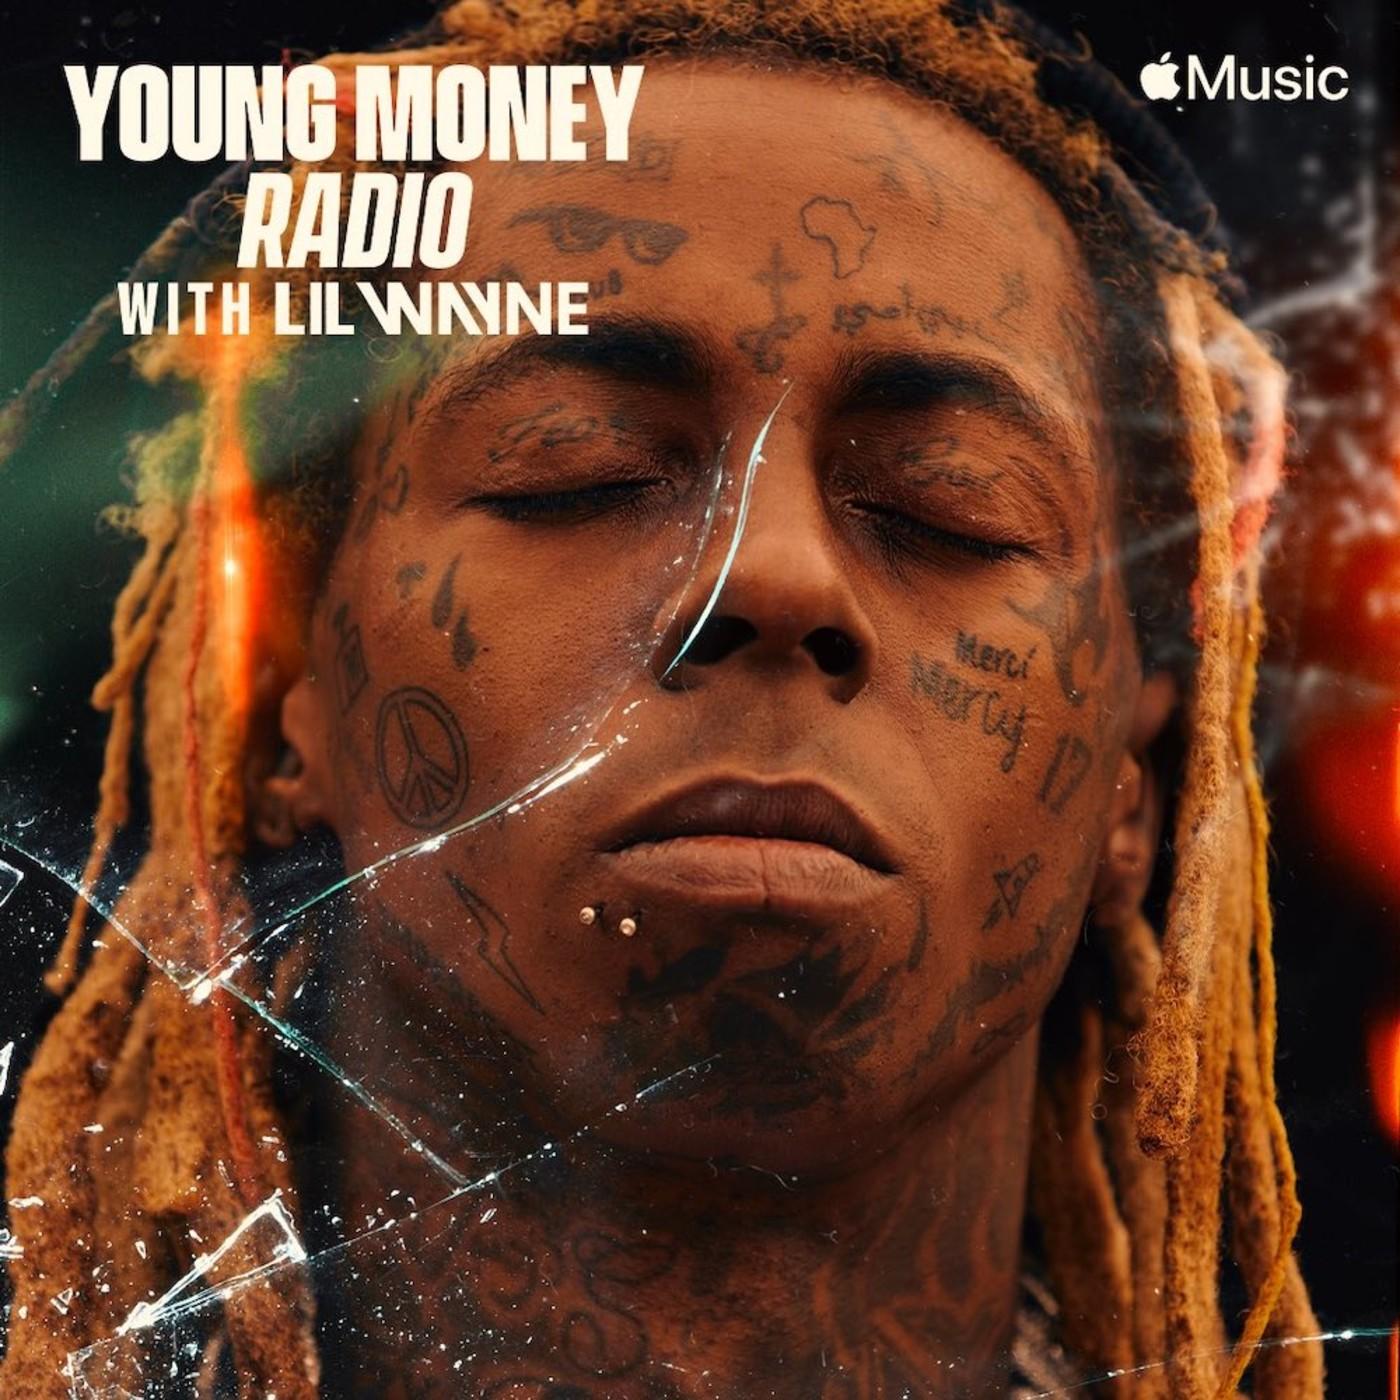 Young Money Radio ep 2